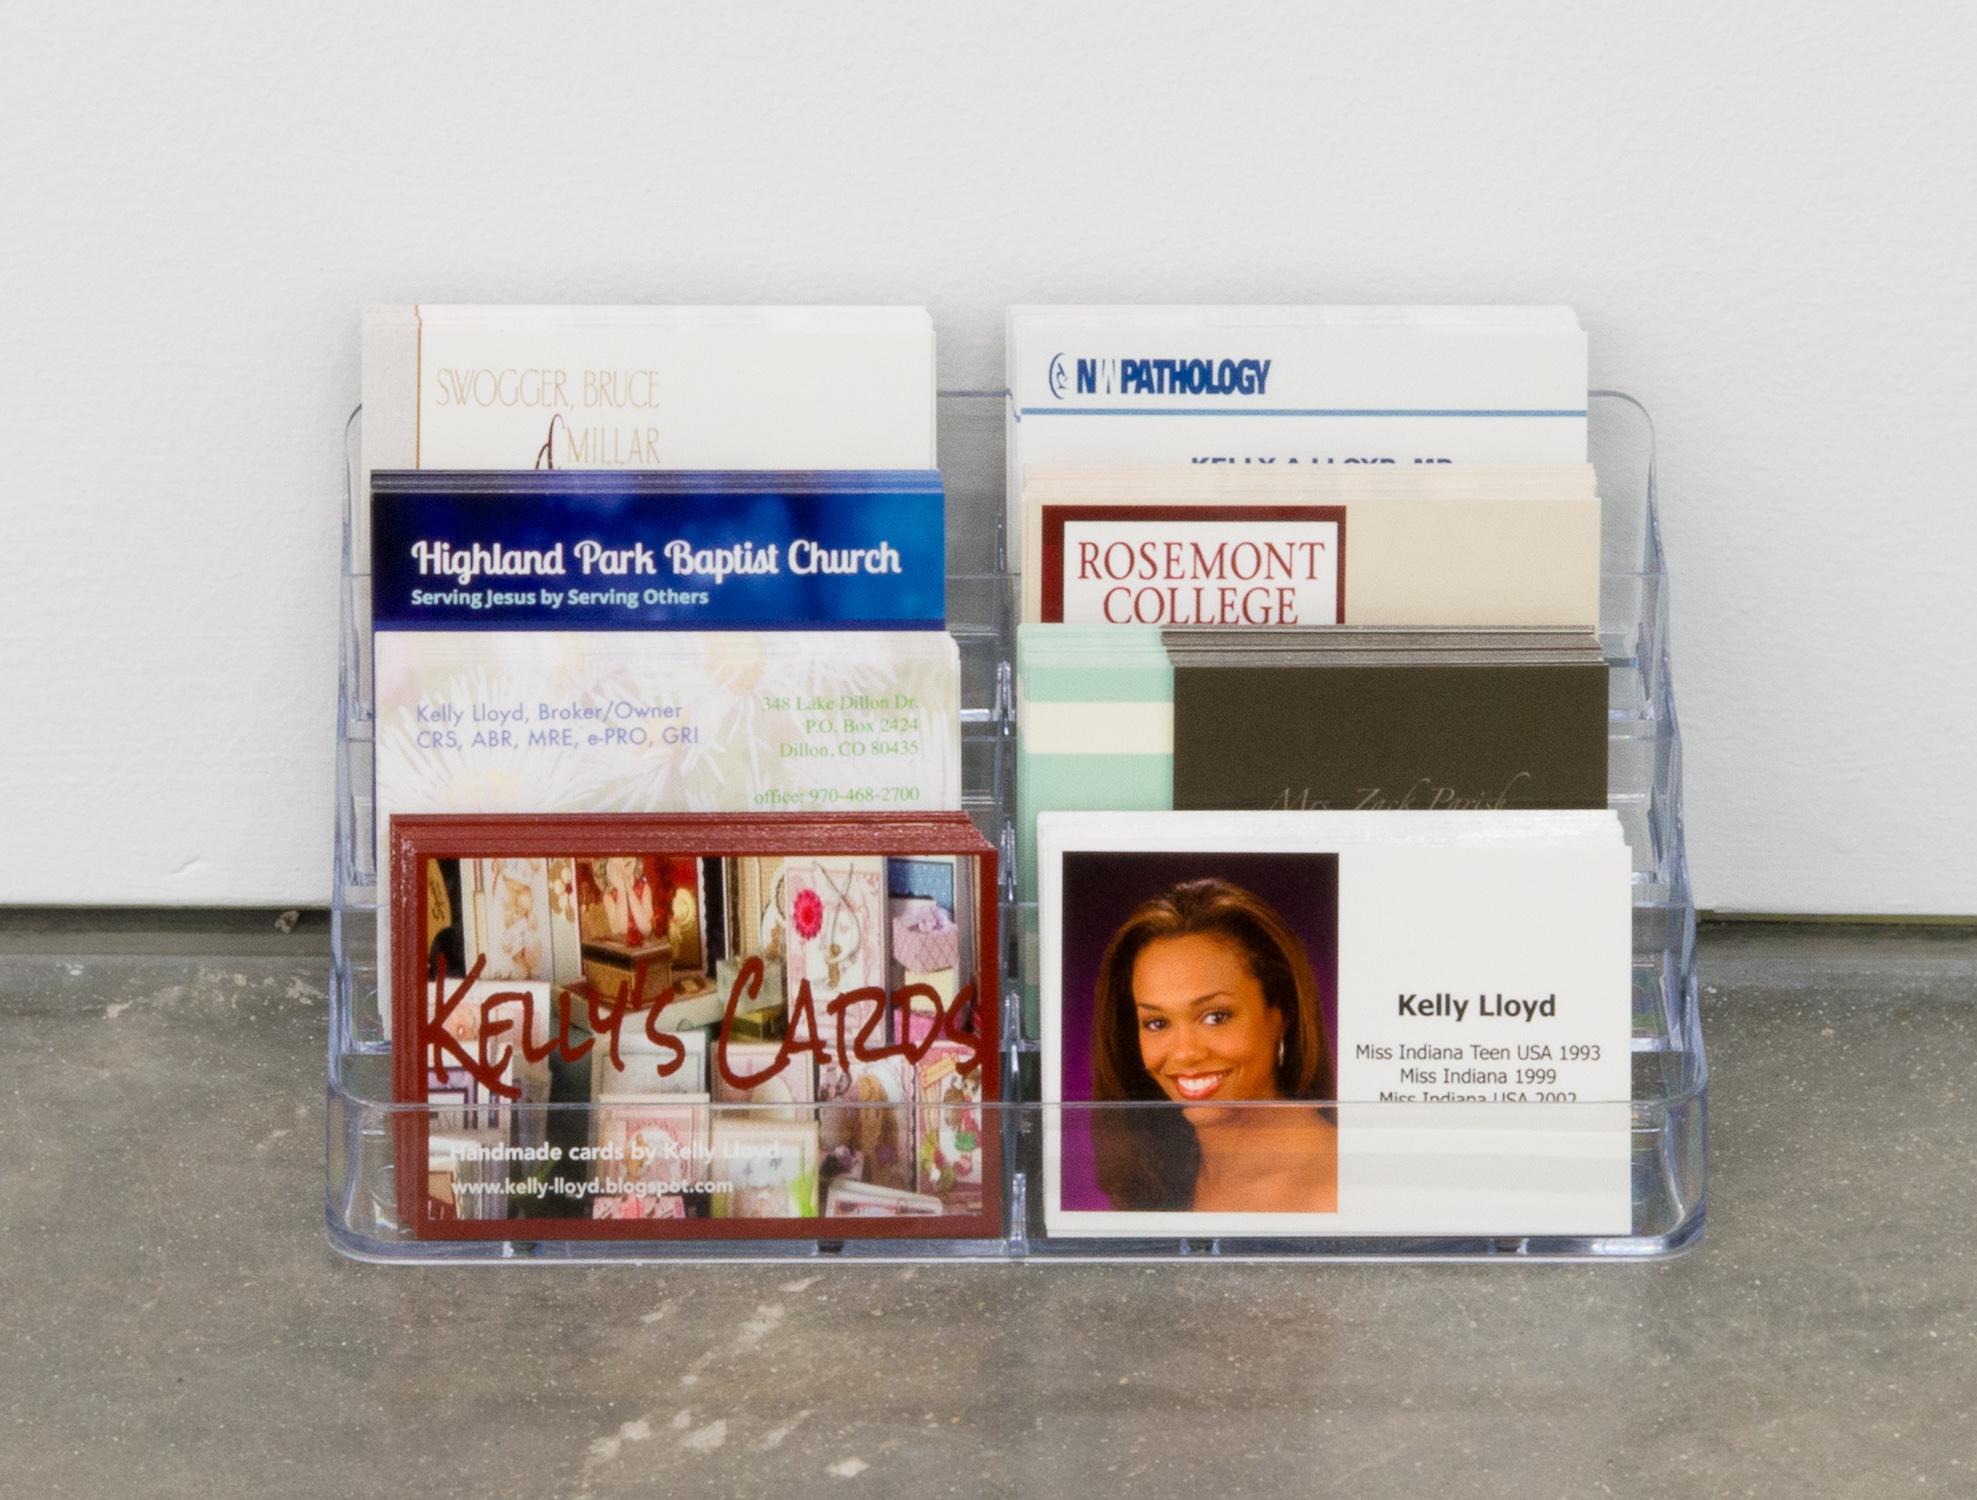 Kelly Lloyd  Kelly Lloyd  2016 Business Cards 6h x 4w x 4d in KL002